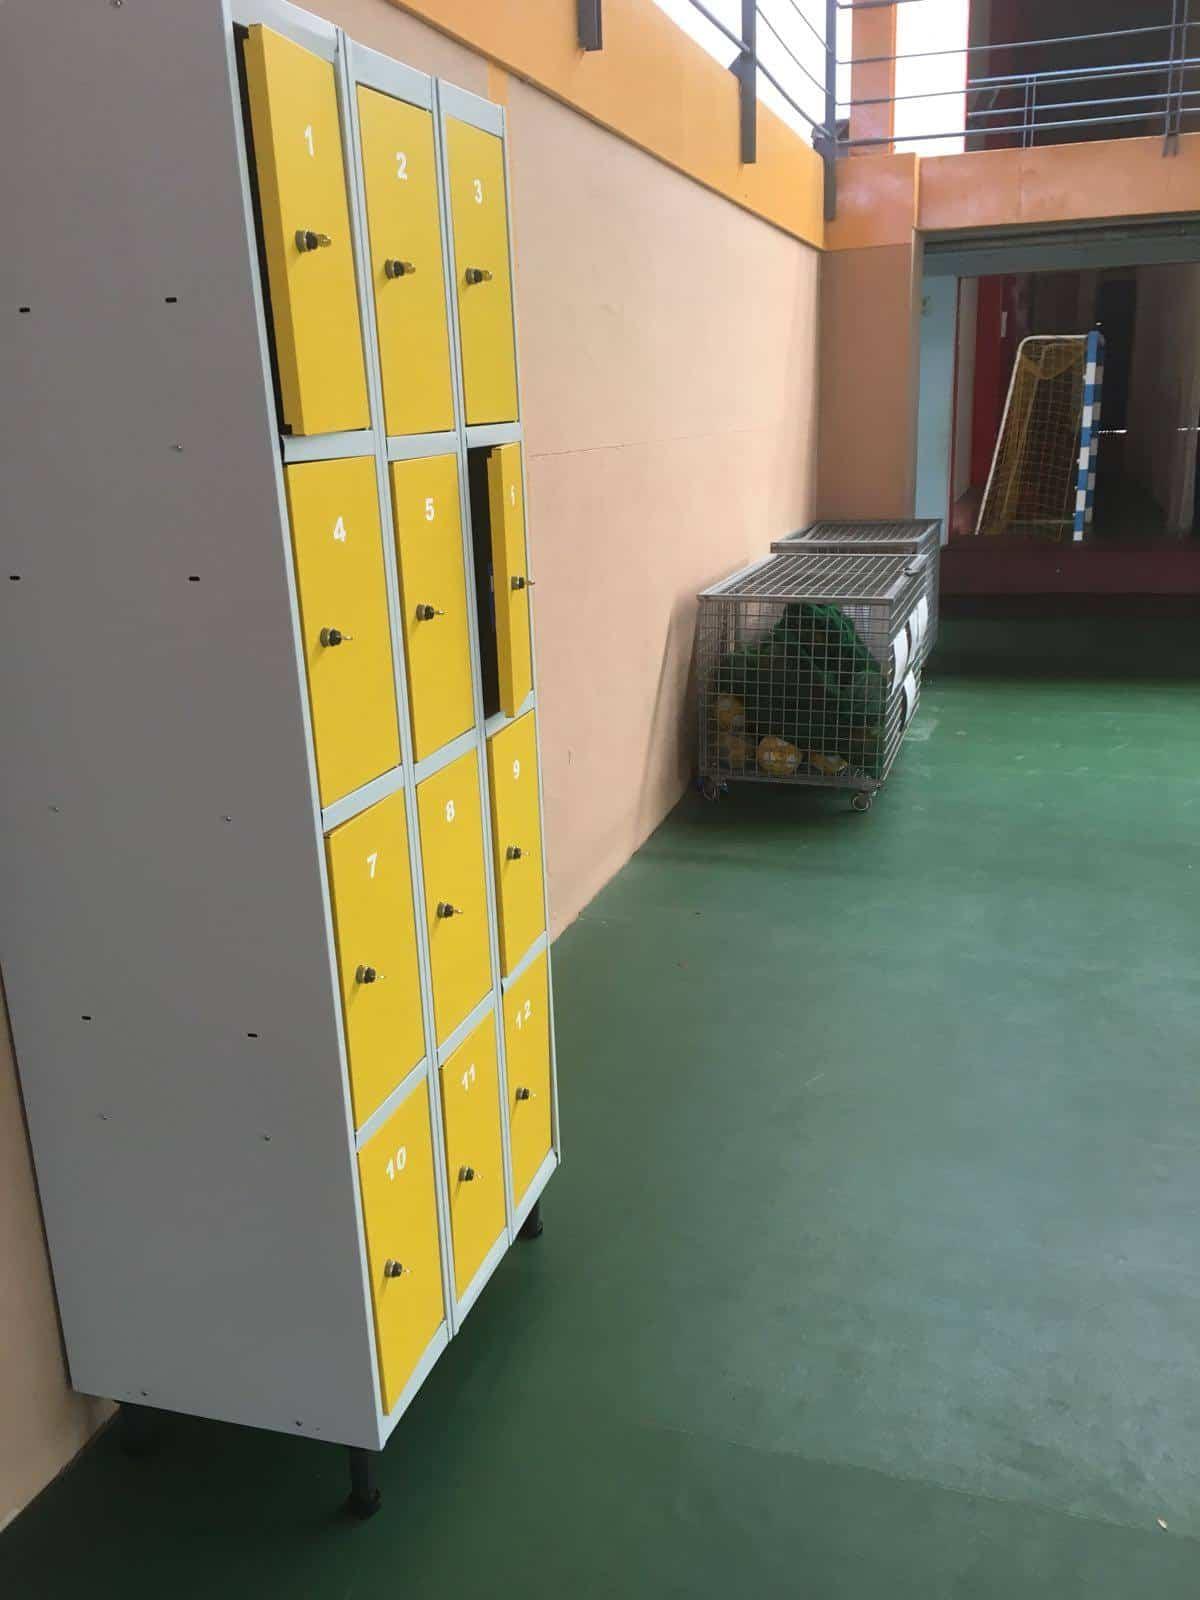 taquillas instalaciones deportivas herencia 2 - Instalación de taquillas en instalaciones deportivas